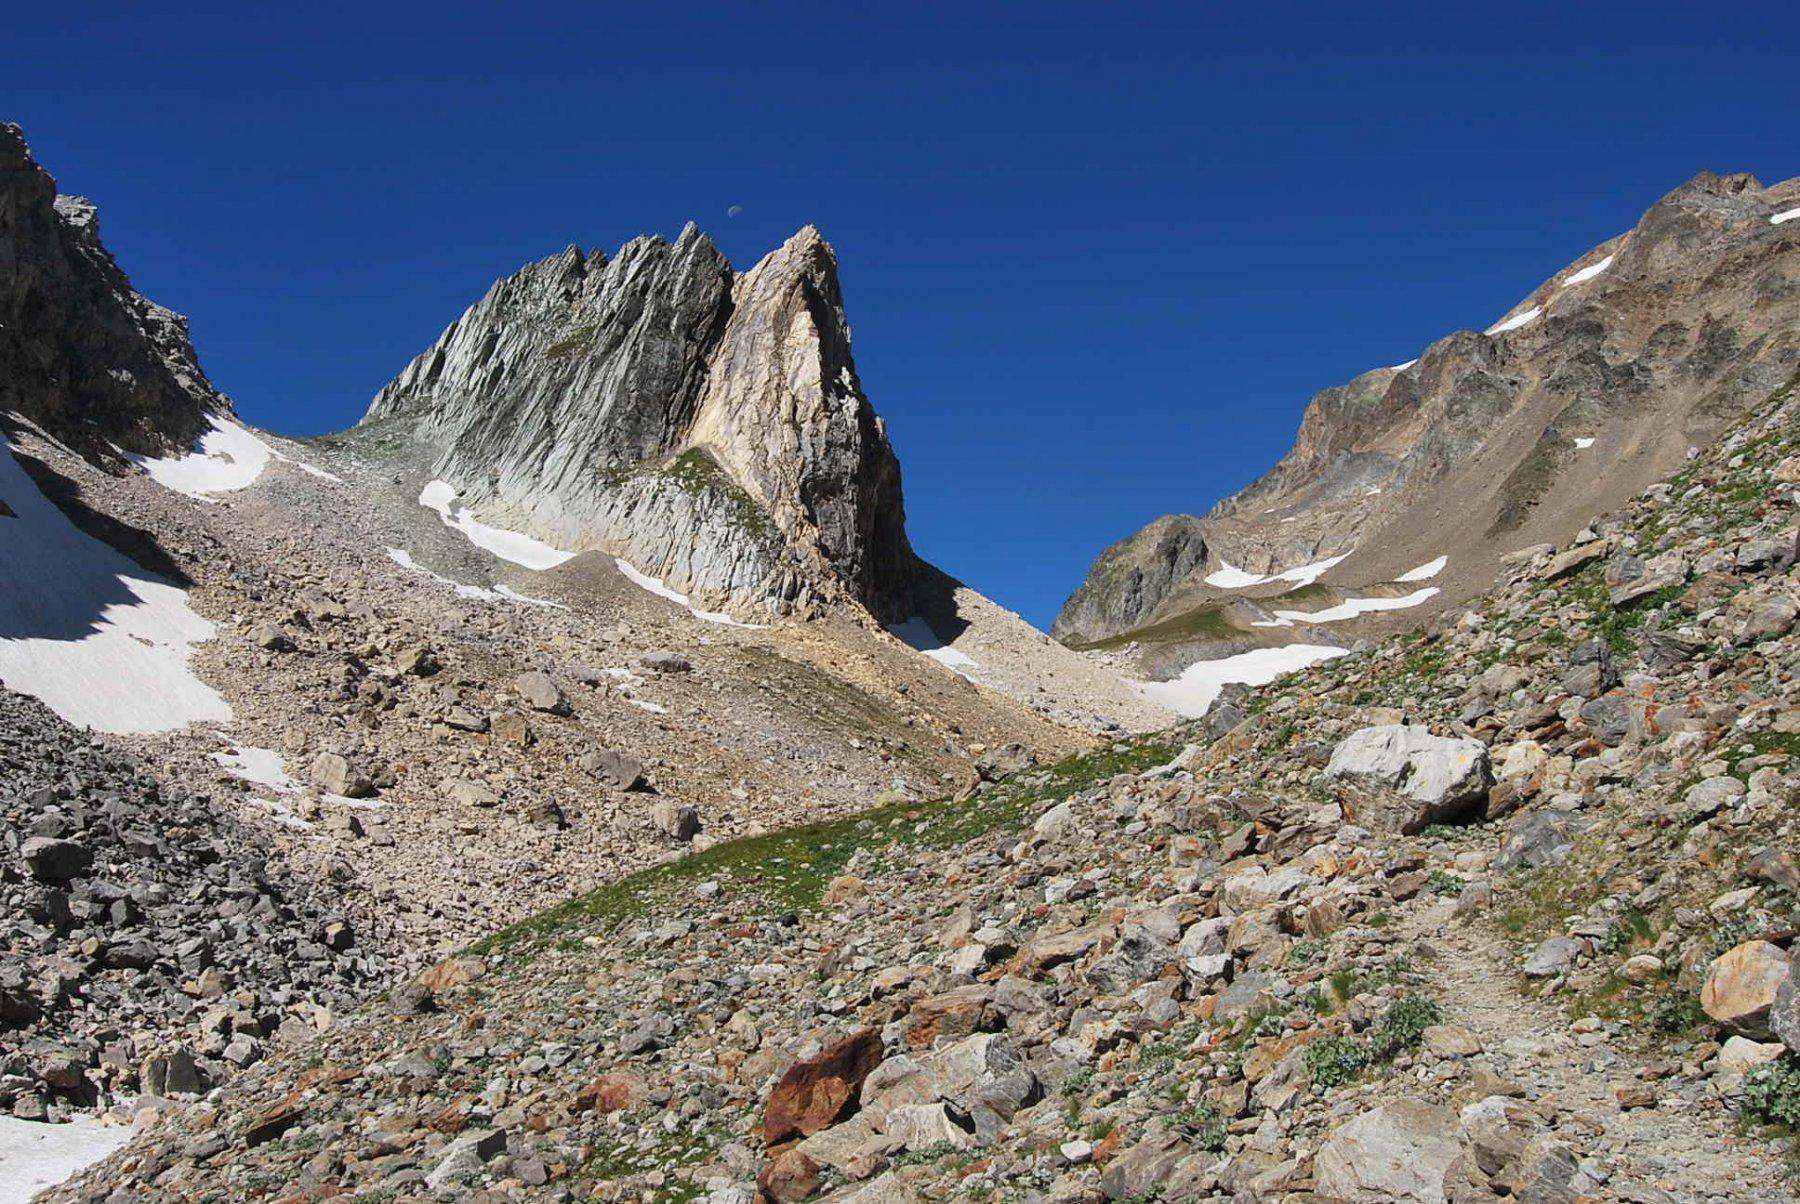 Sul sentiero, quasi al colle. Il colle escursionistico è quello più a destra (2565 m); tra le due Pyramides (una è fuori campo) il Colle superiore (2618 m).